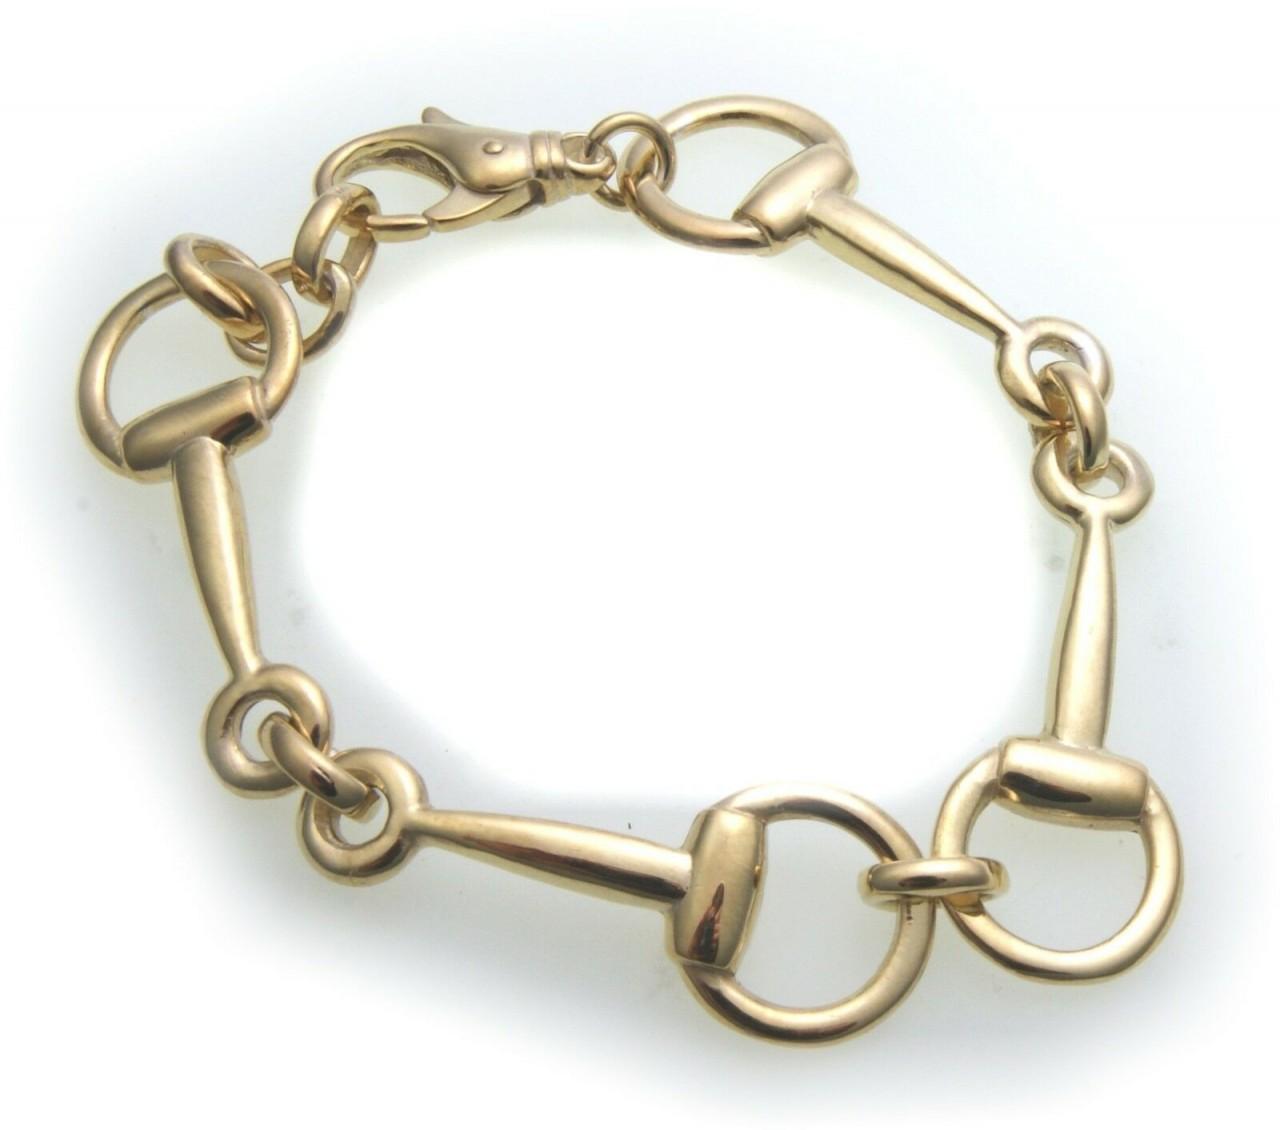 Armband Pferde Gebiss echt Gold 333 8k massiv Pferdegebiss Pferd Gelbgold Unisex